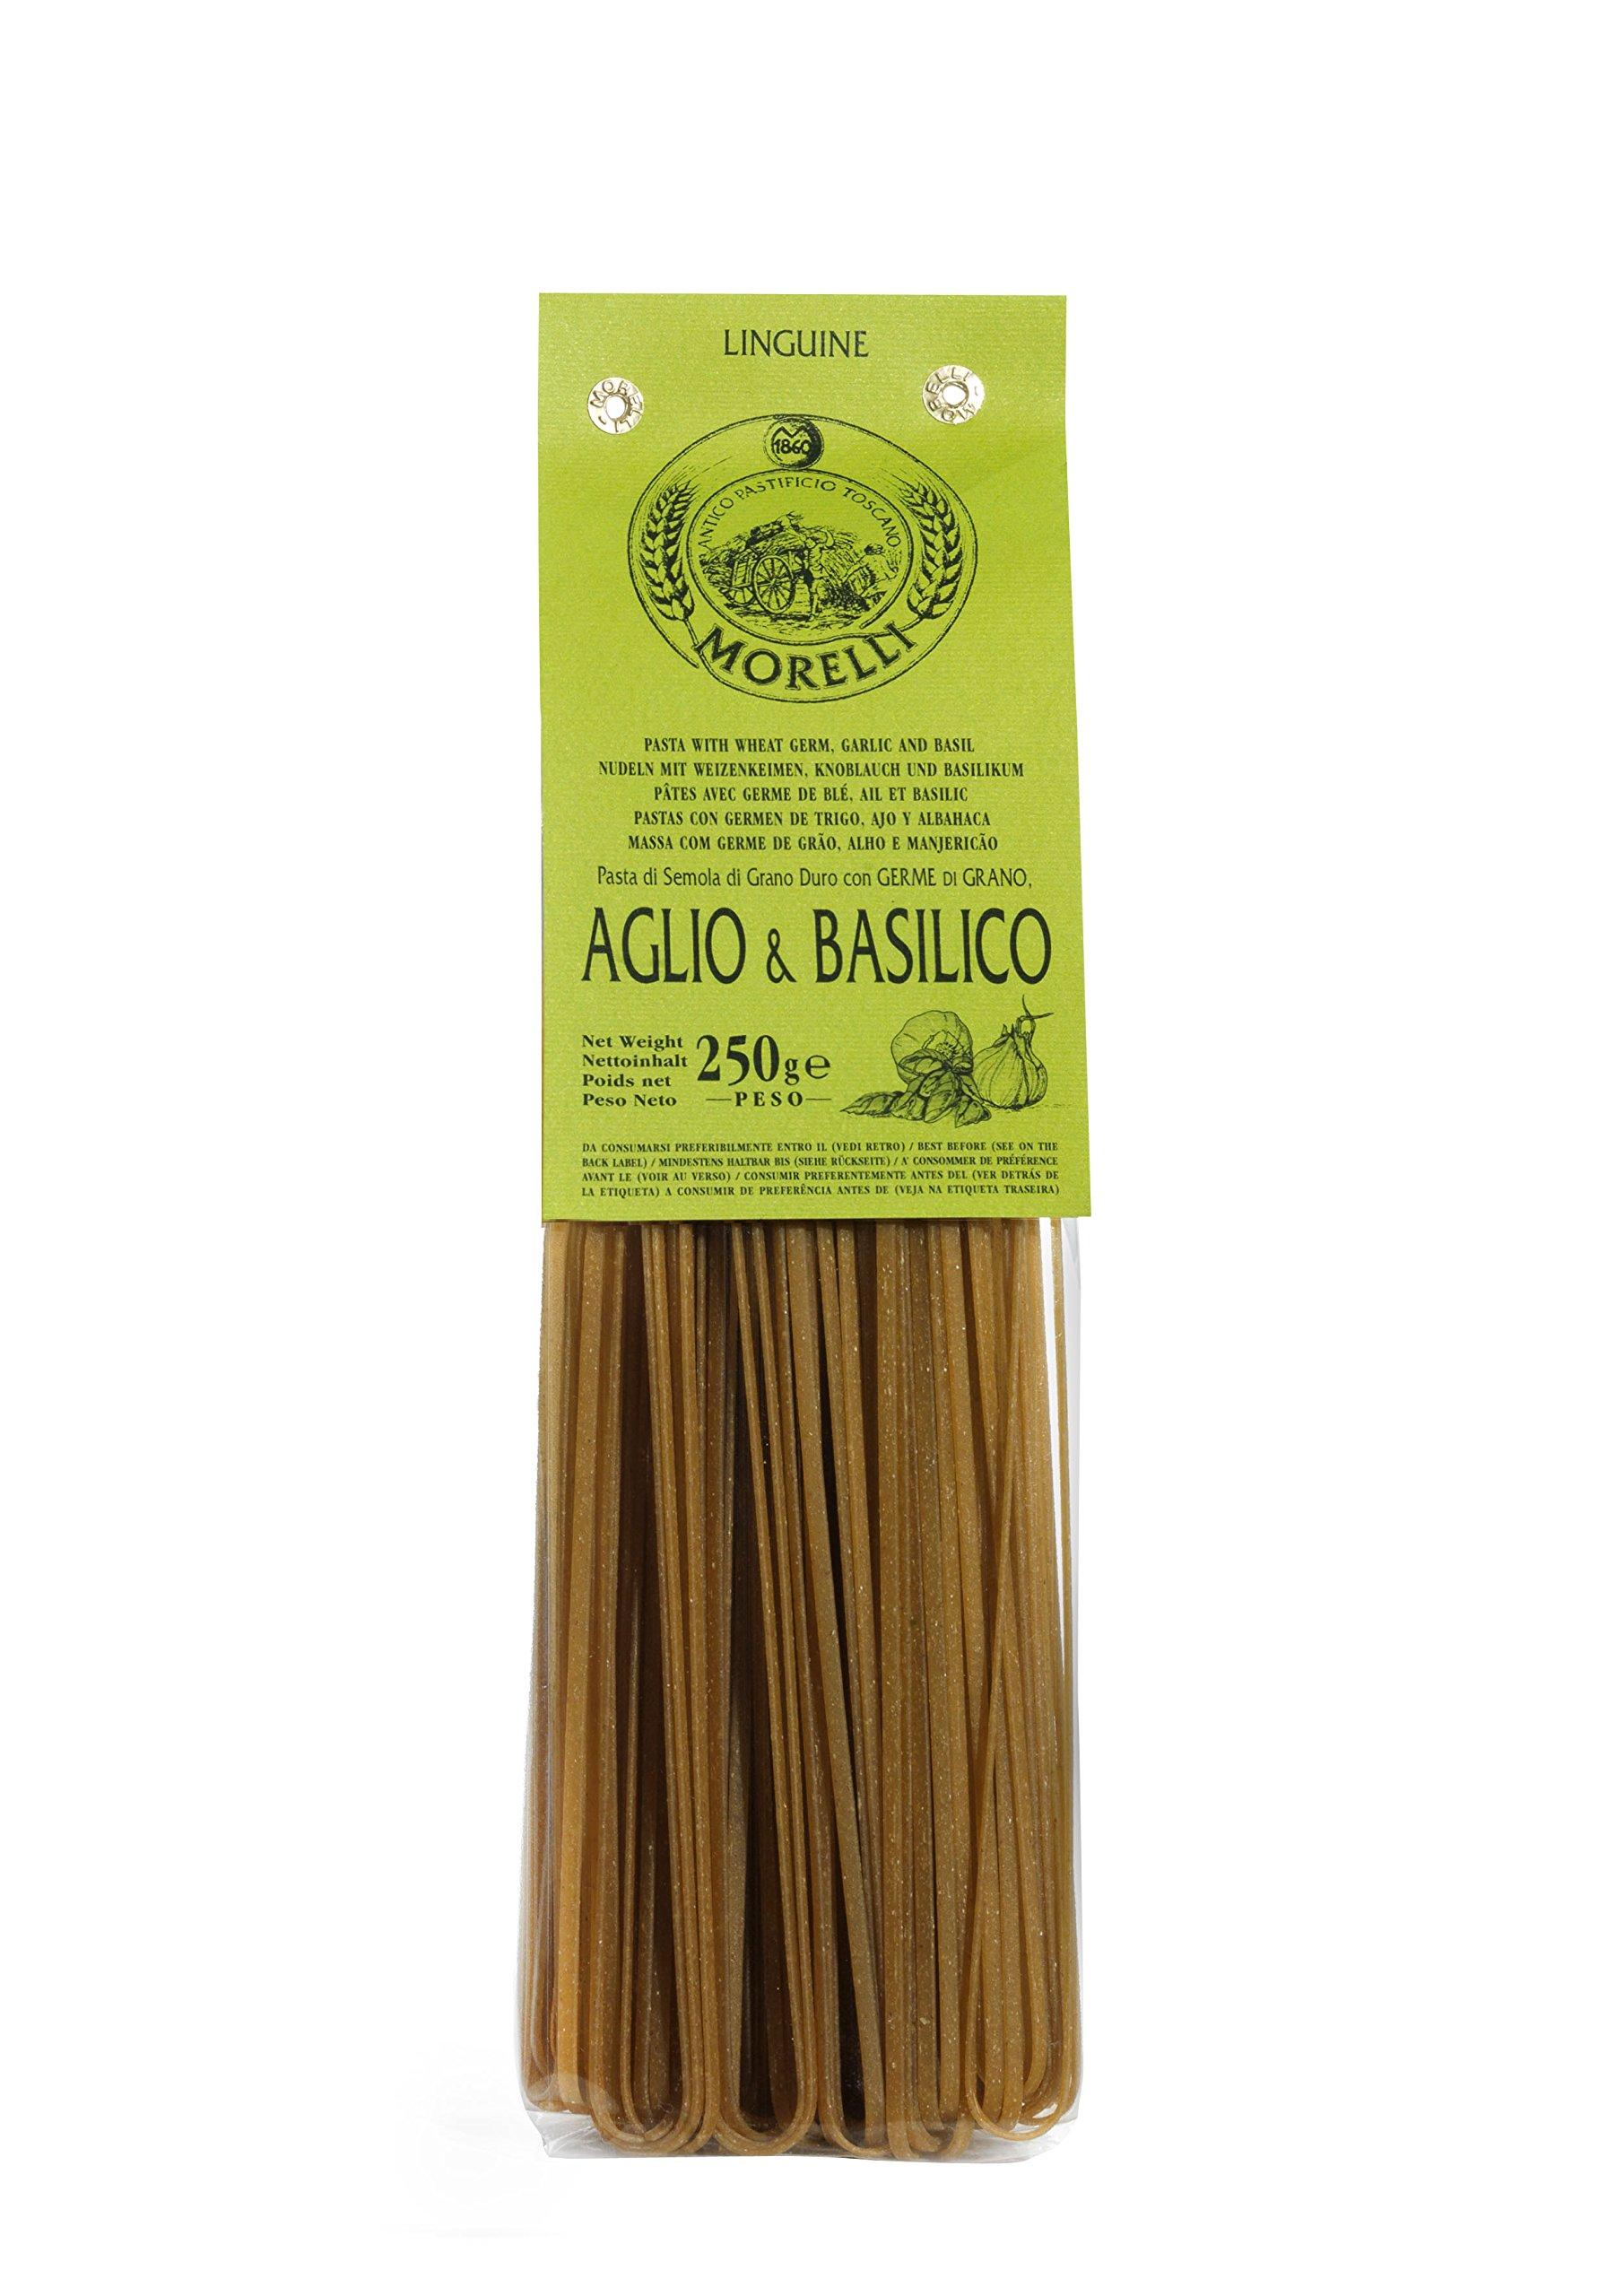 Antico Pastificio Morelli - Linguine Aglio e Basilico - gr. 250 x 16